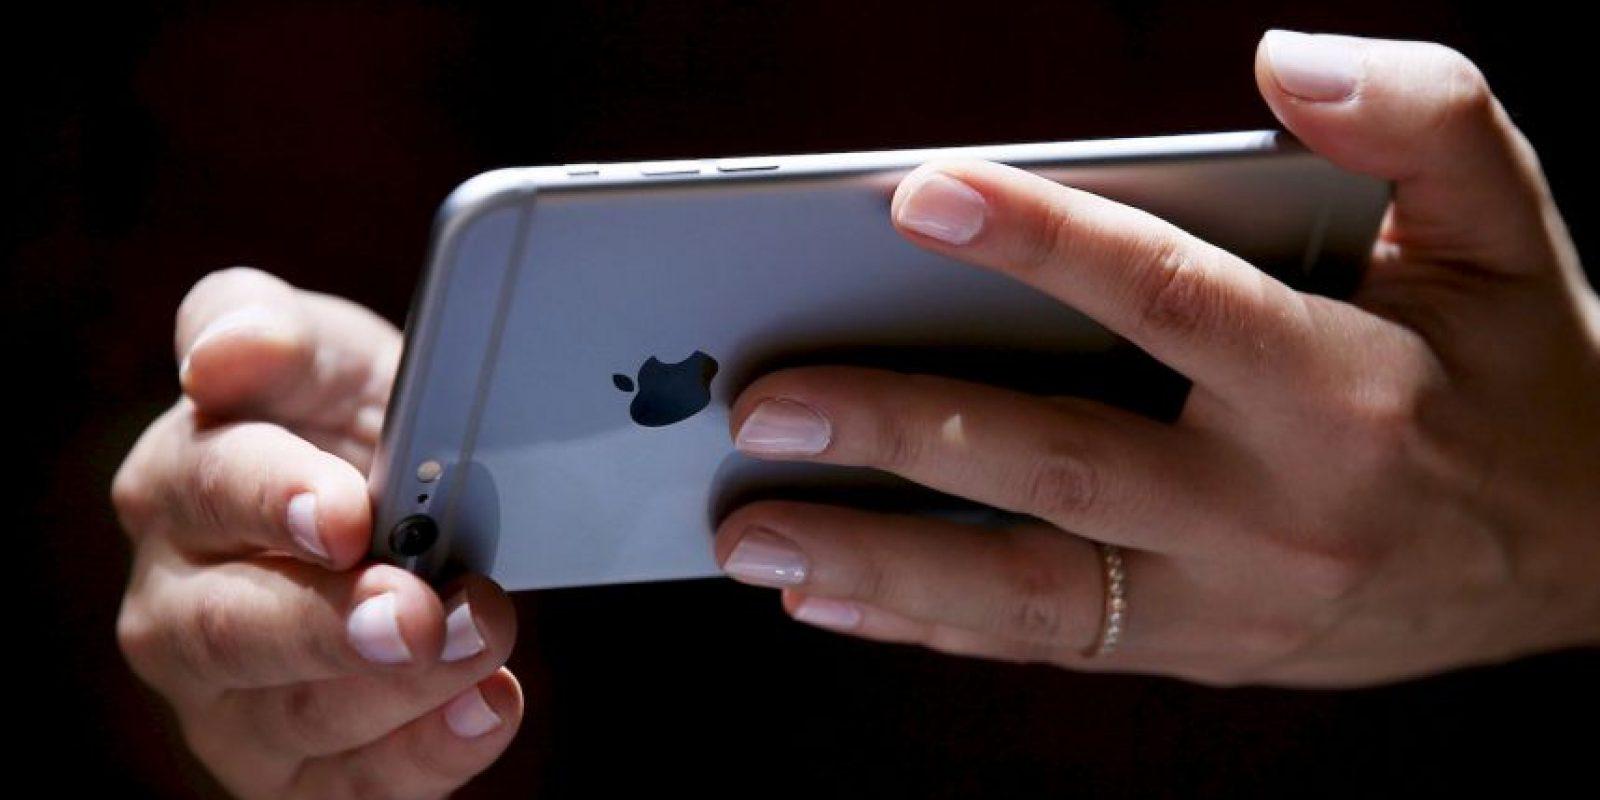 El iPhone es uno de los smartphones más cotizados y populares en el mundo. Foto:Getty